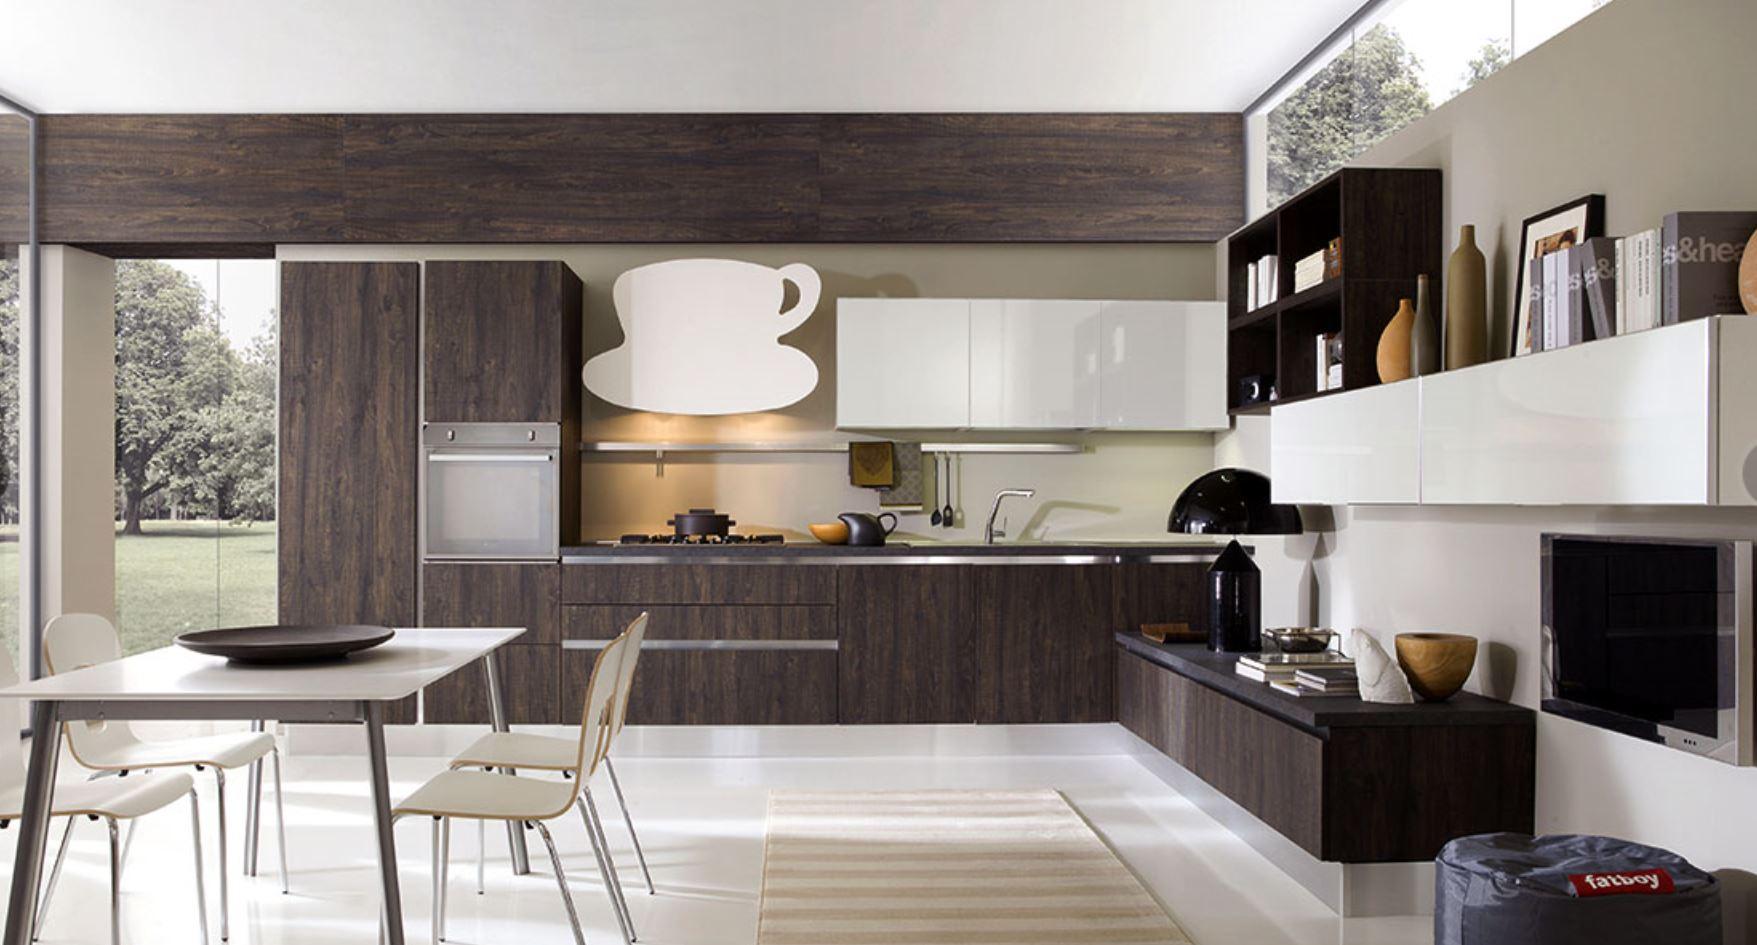 Cucine moderne mobilificio tacchini for Tacchini mobili san salvatore